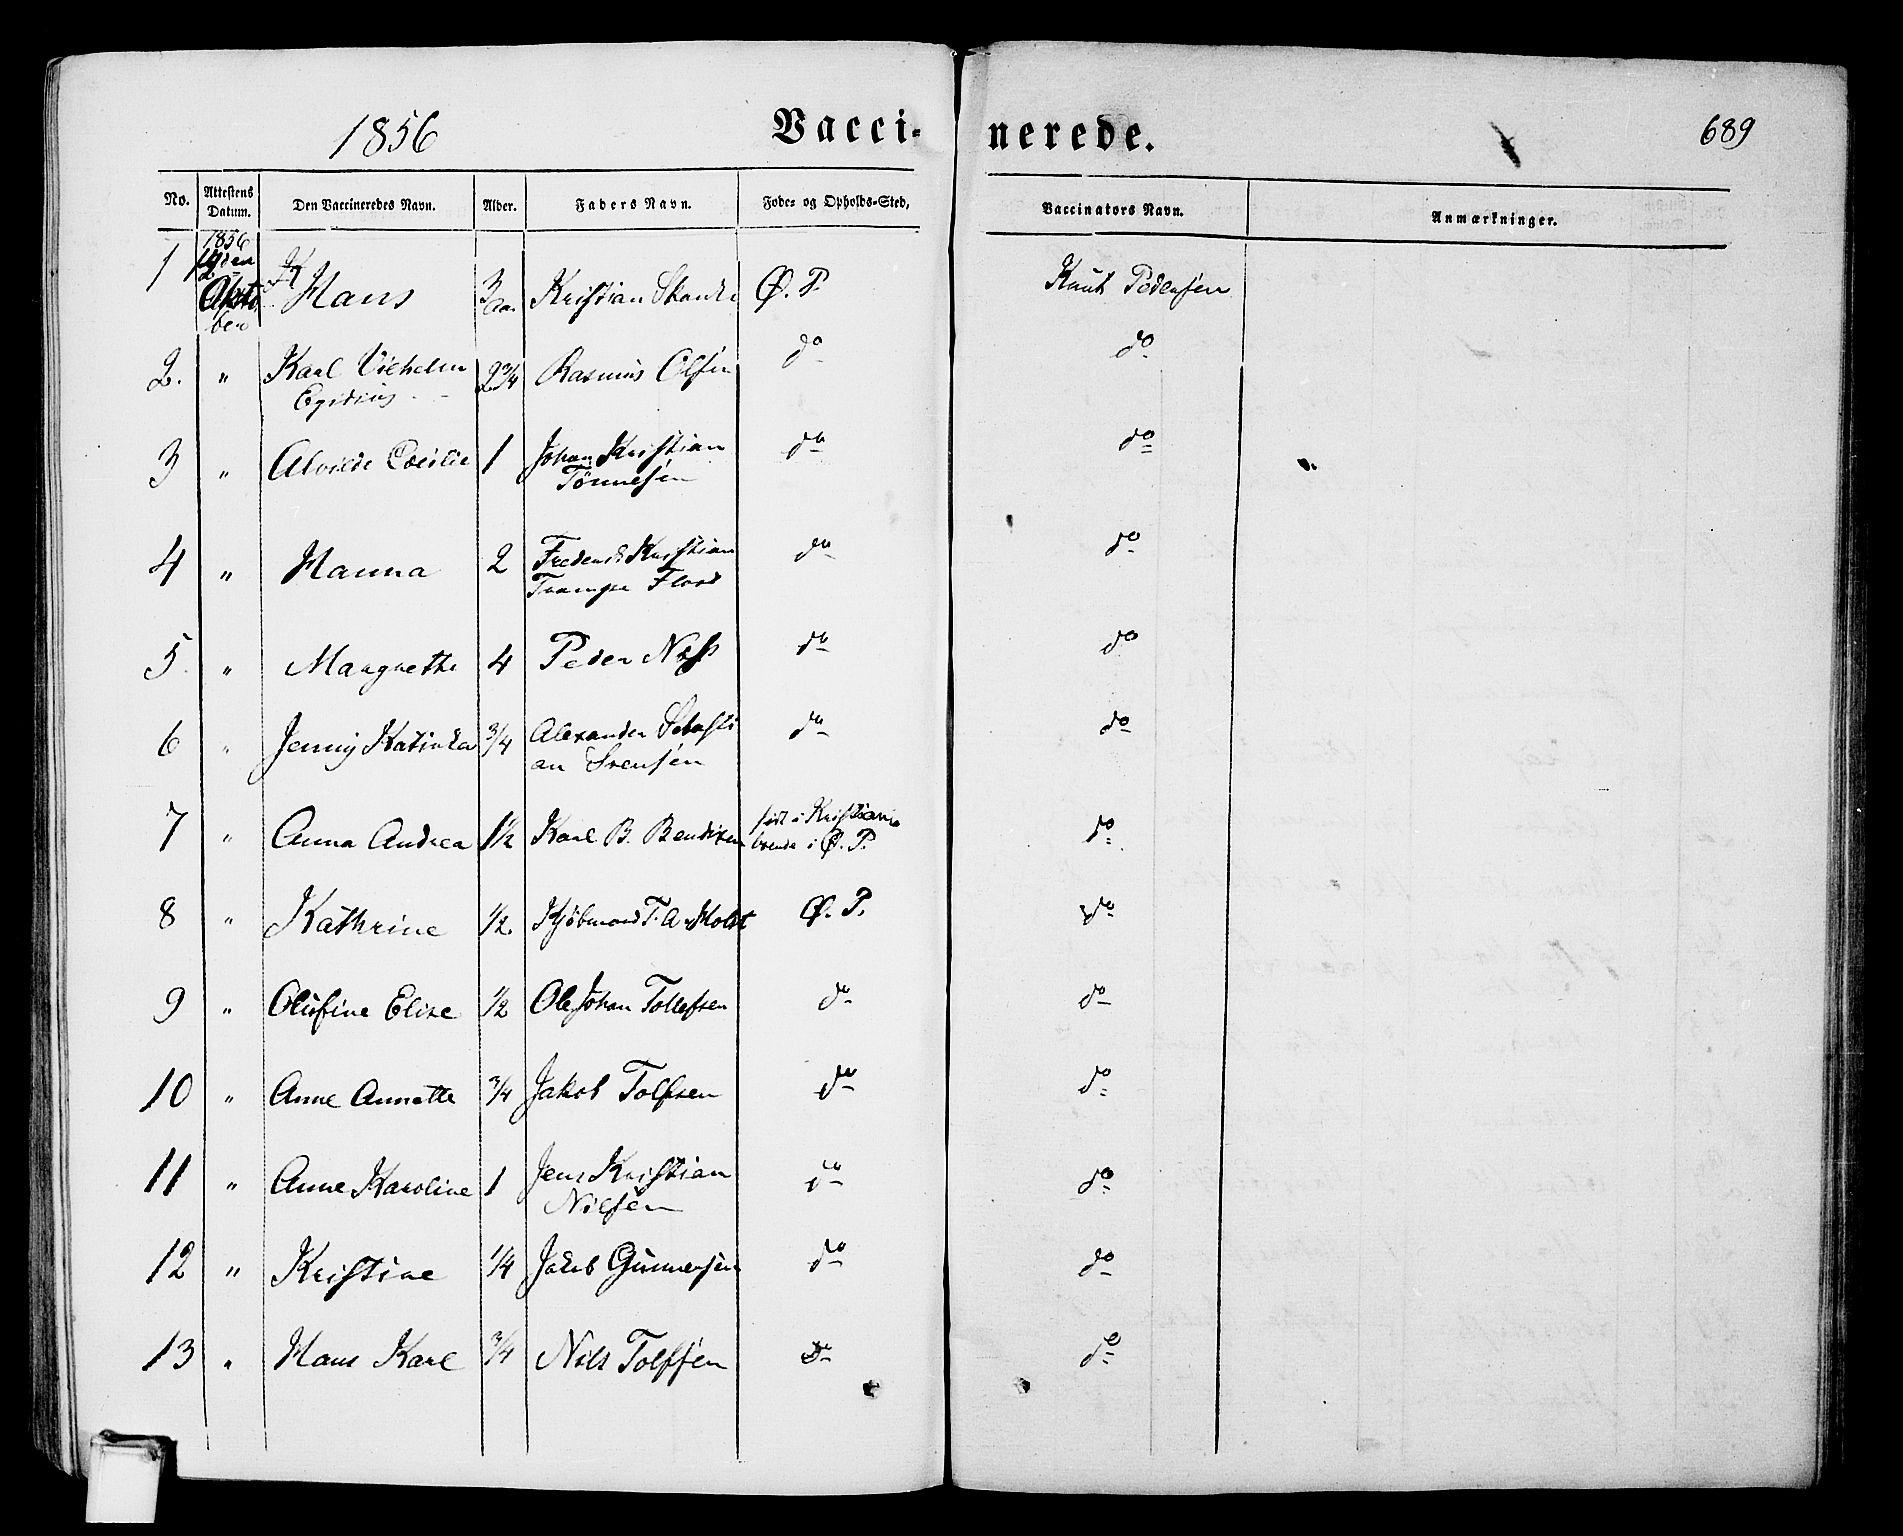 SAKO, Porsgrunn kirkebøker , G/Gb/L0004: Klokkerbok nr. II 4, 1853-1882, s. 689